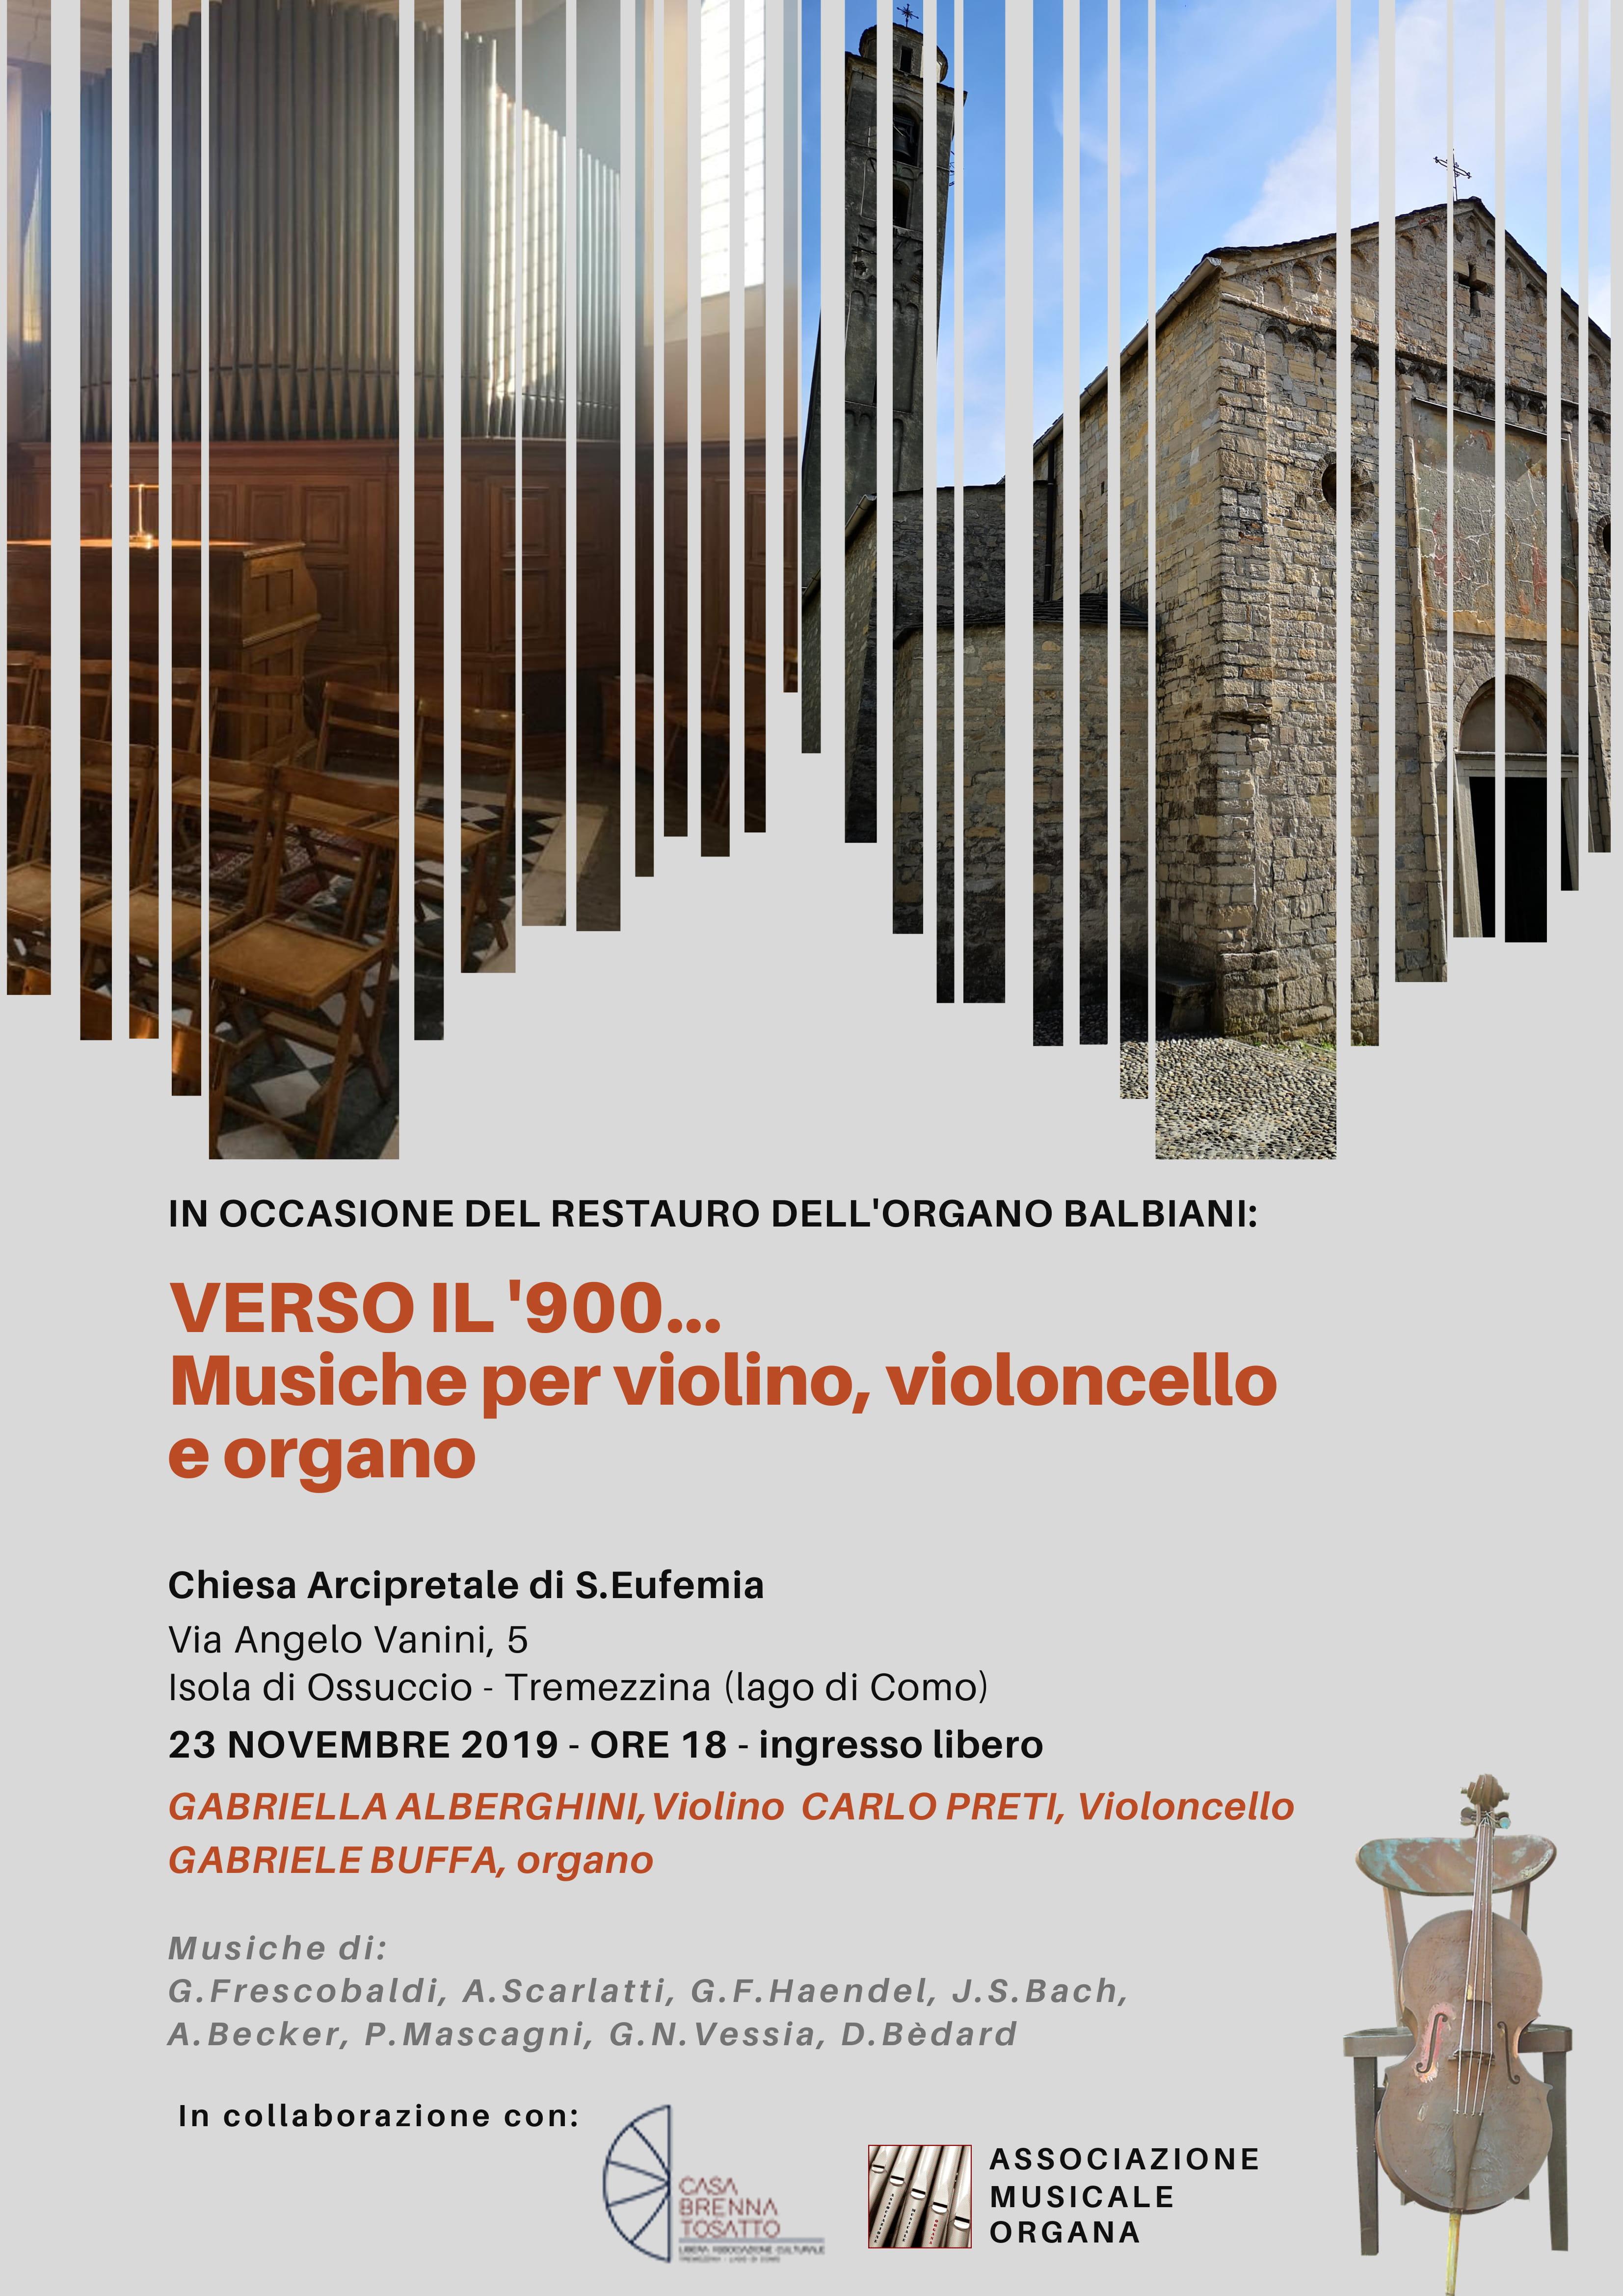 VERSO_IL_900_–_Musiche_per_violino,_viol